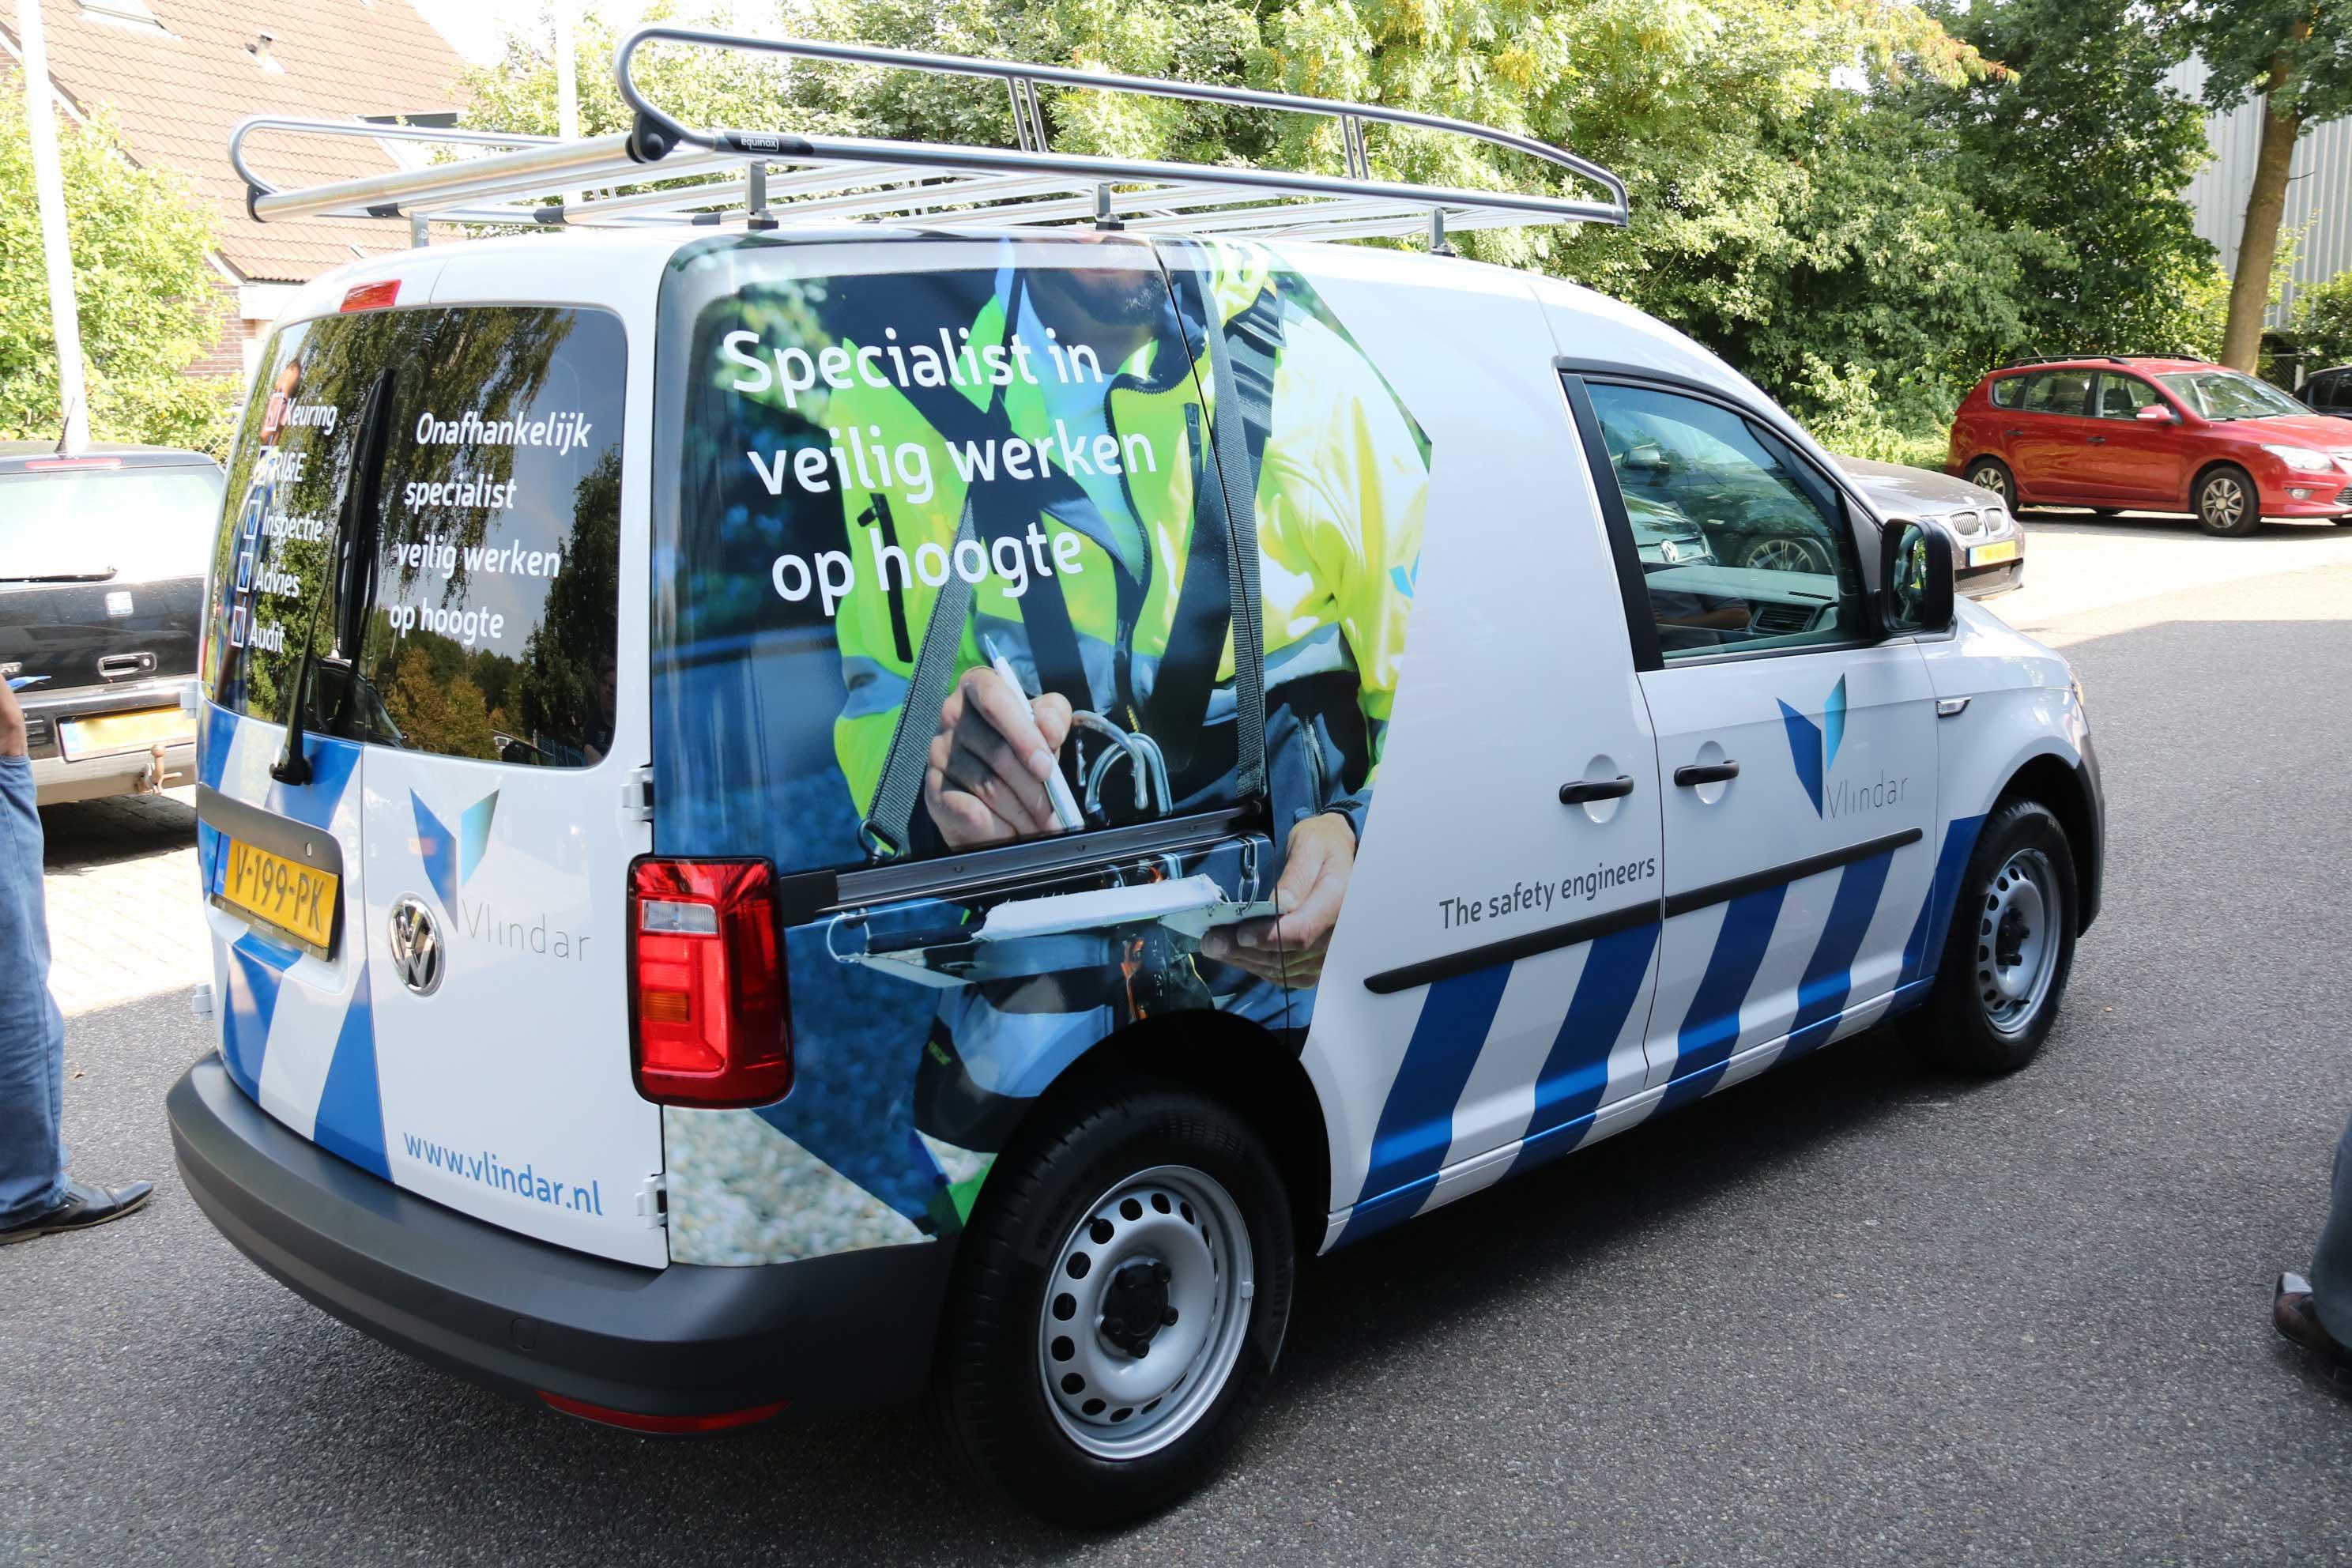 Inspectie-Veilig-werken-op-hoogte-Vlindar-nieuwe-bus